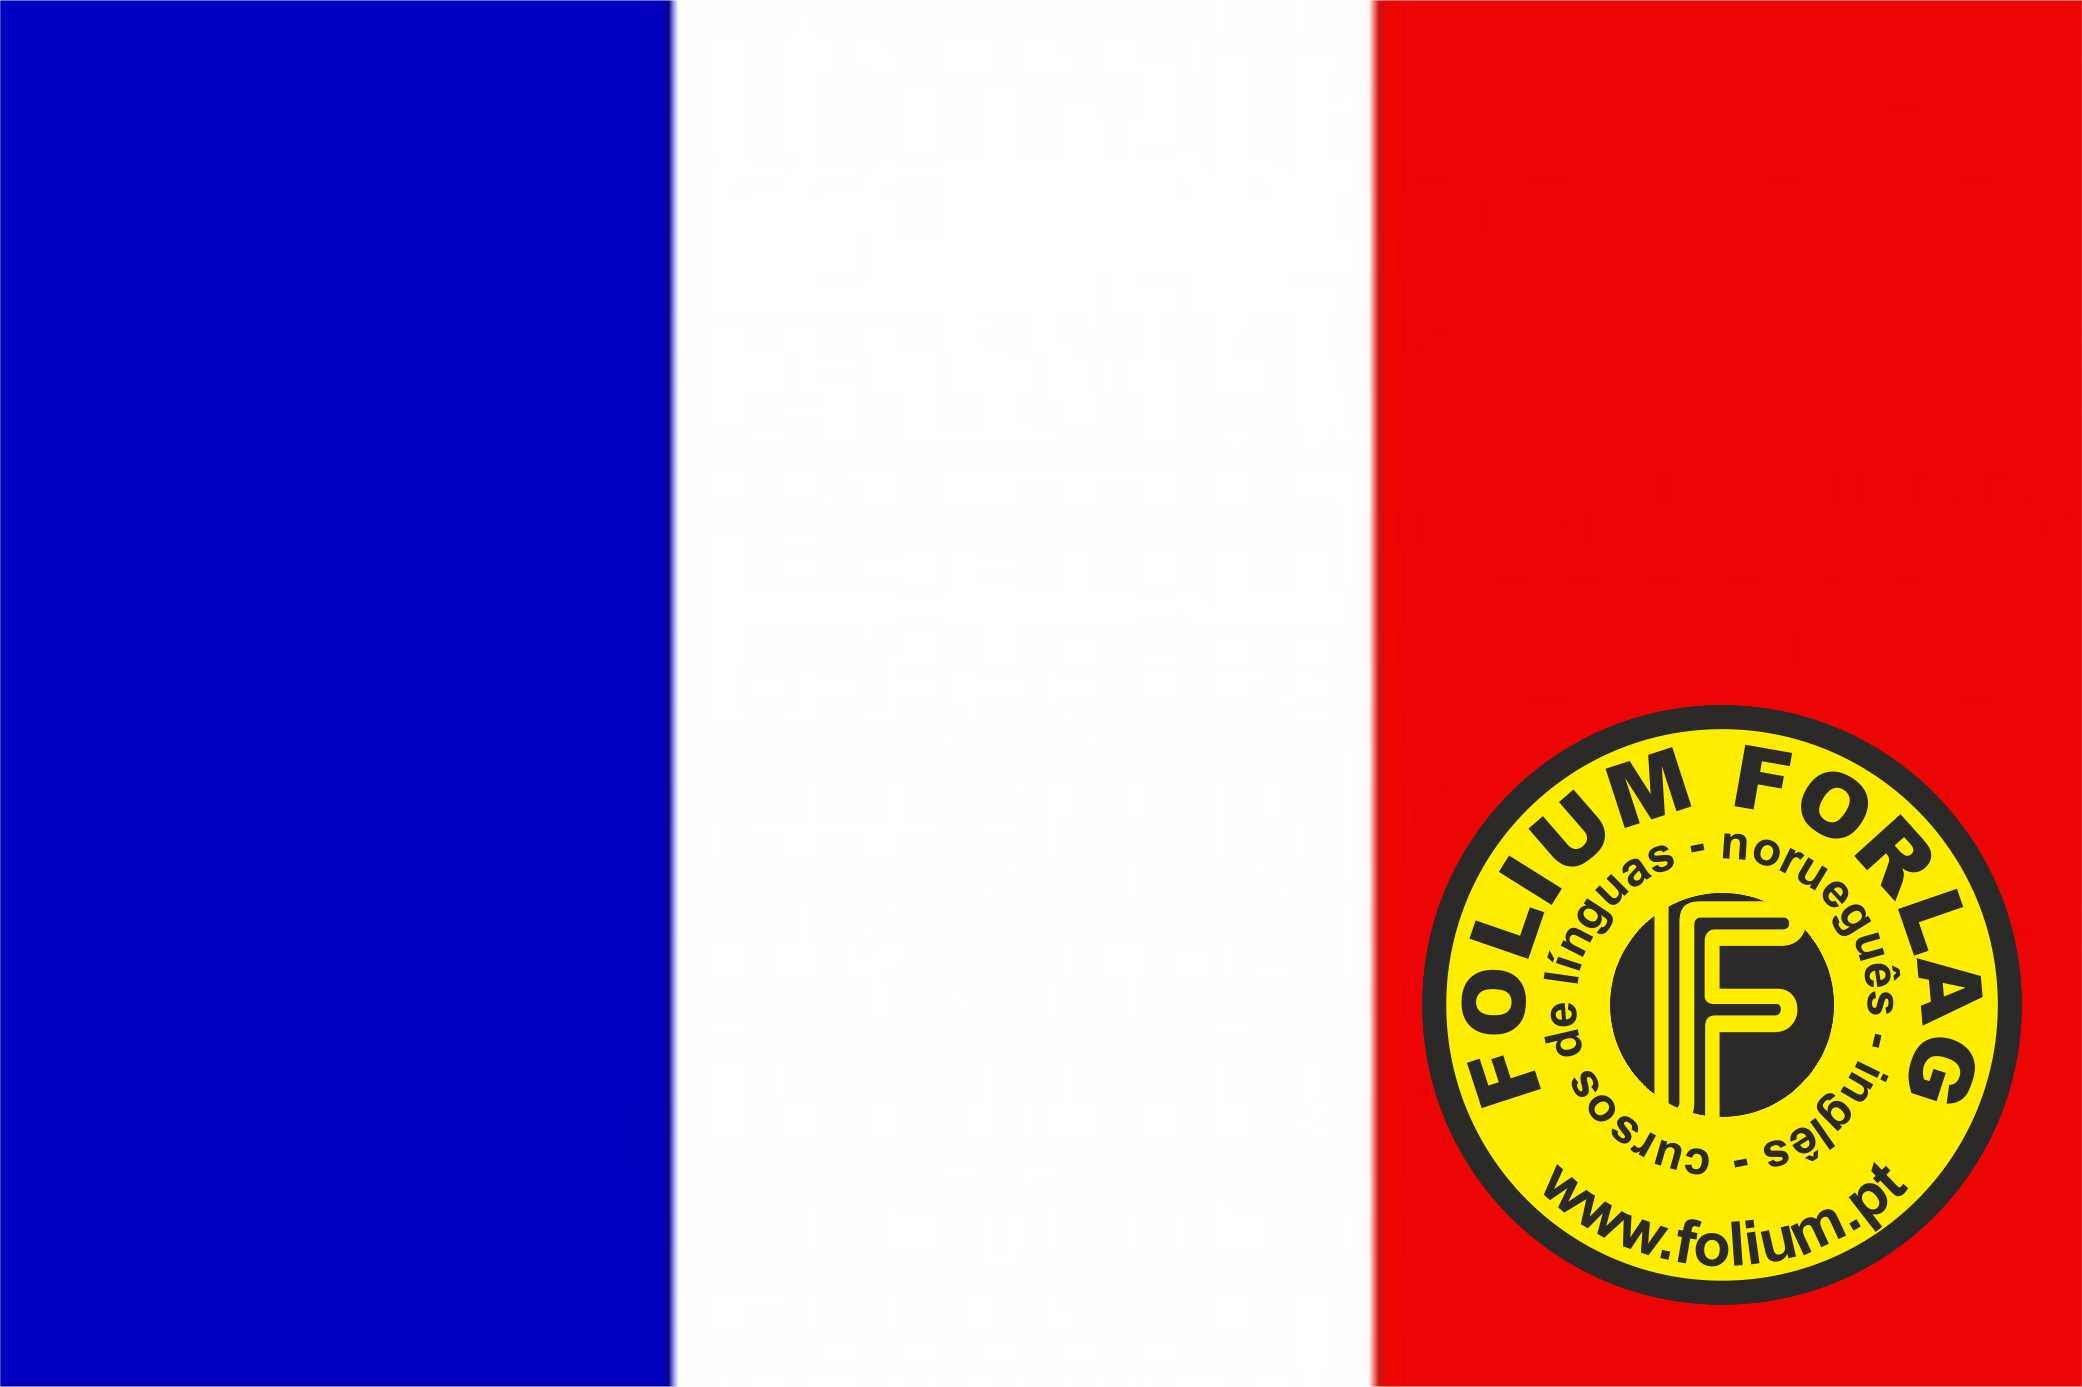 França folium